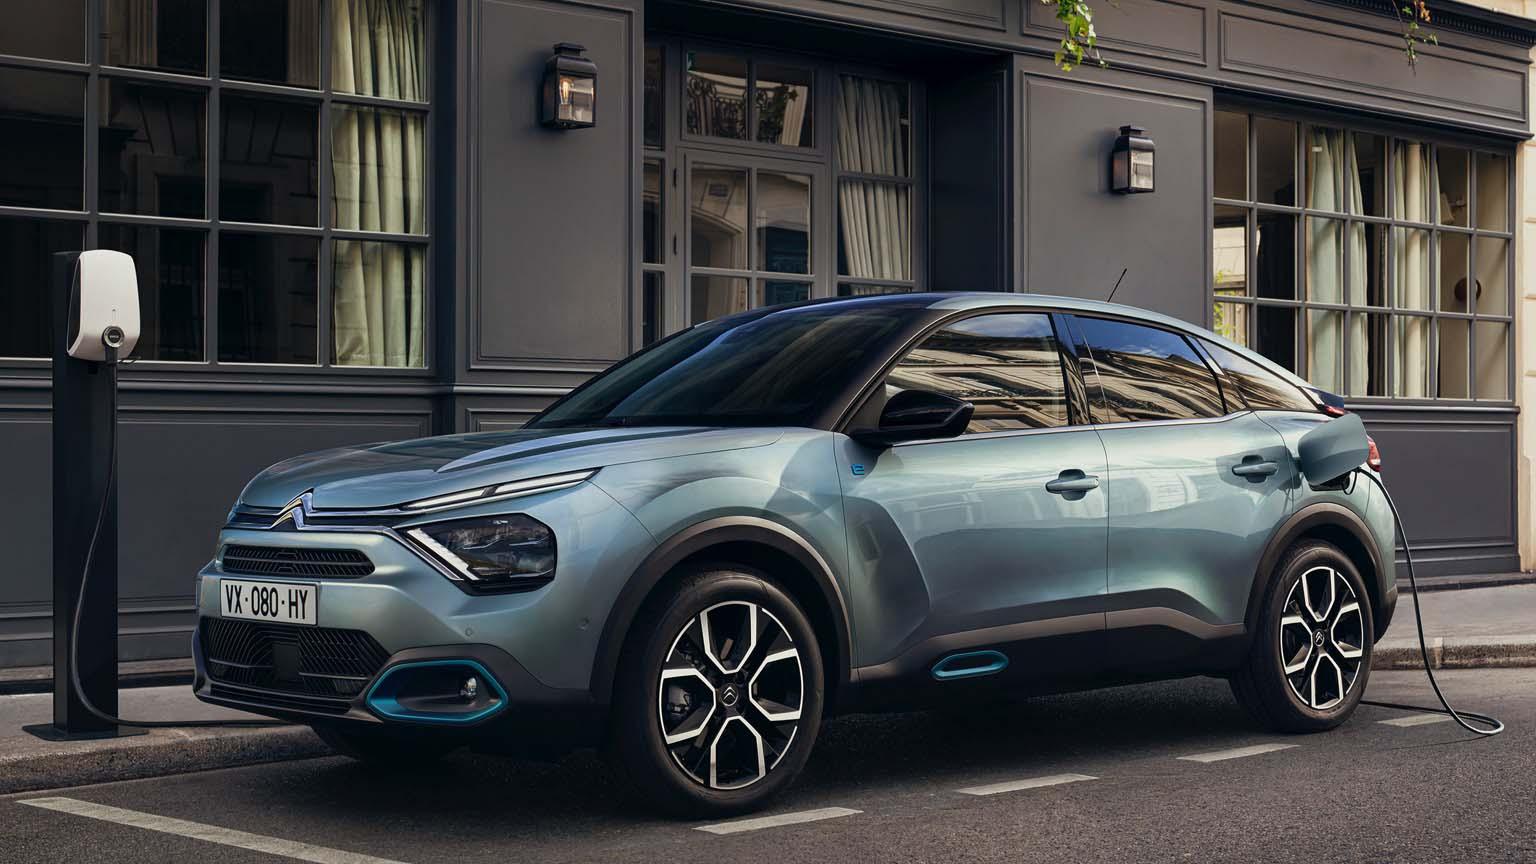 Citroën ë-C4 Torino